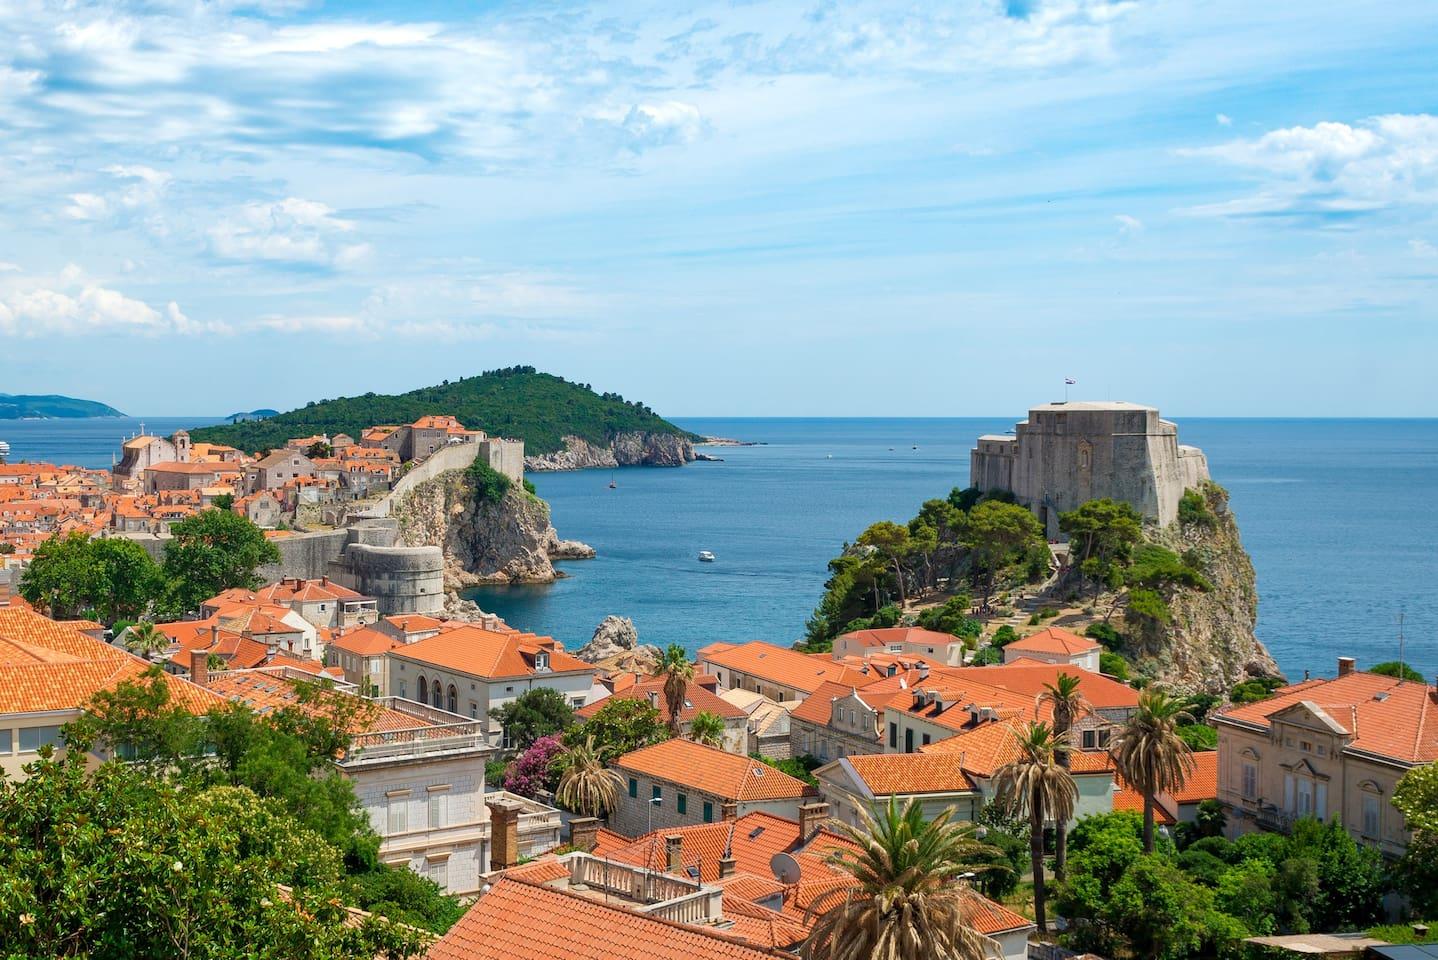 Vista do alto de Dubrovnik, na Croácia — um dos cenário de Game of Thrones. Foto: Divulgação/Airbnb